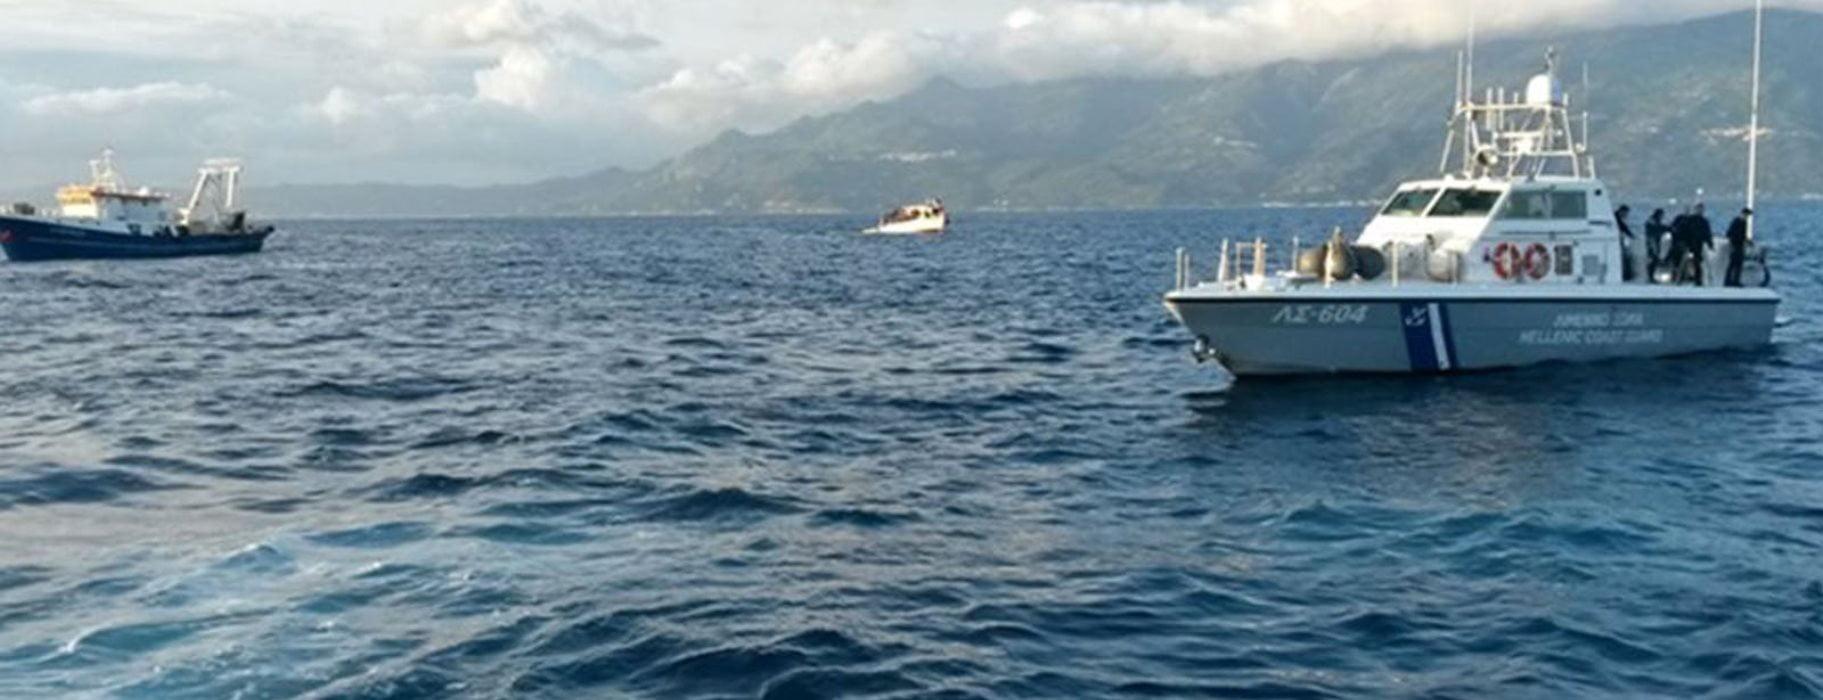 Η Τουρκία, που ελέγχει την Σομαλία, στέλνει συστηματικά Σομαλούς σε Ελλάδα και Ευρώπη